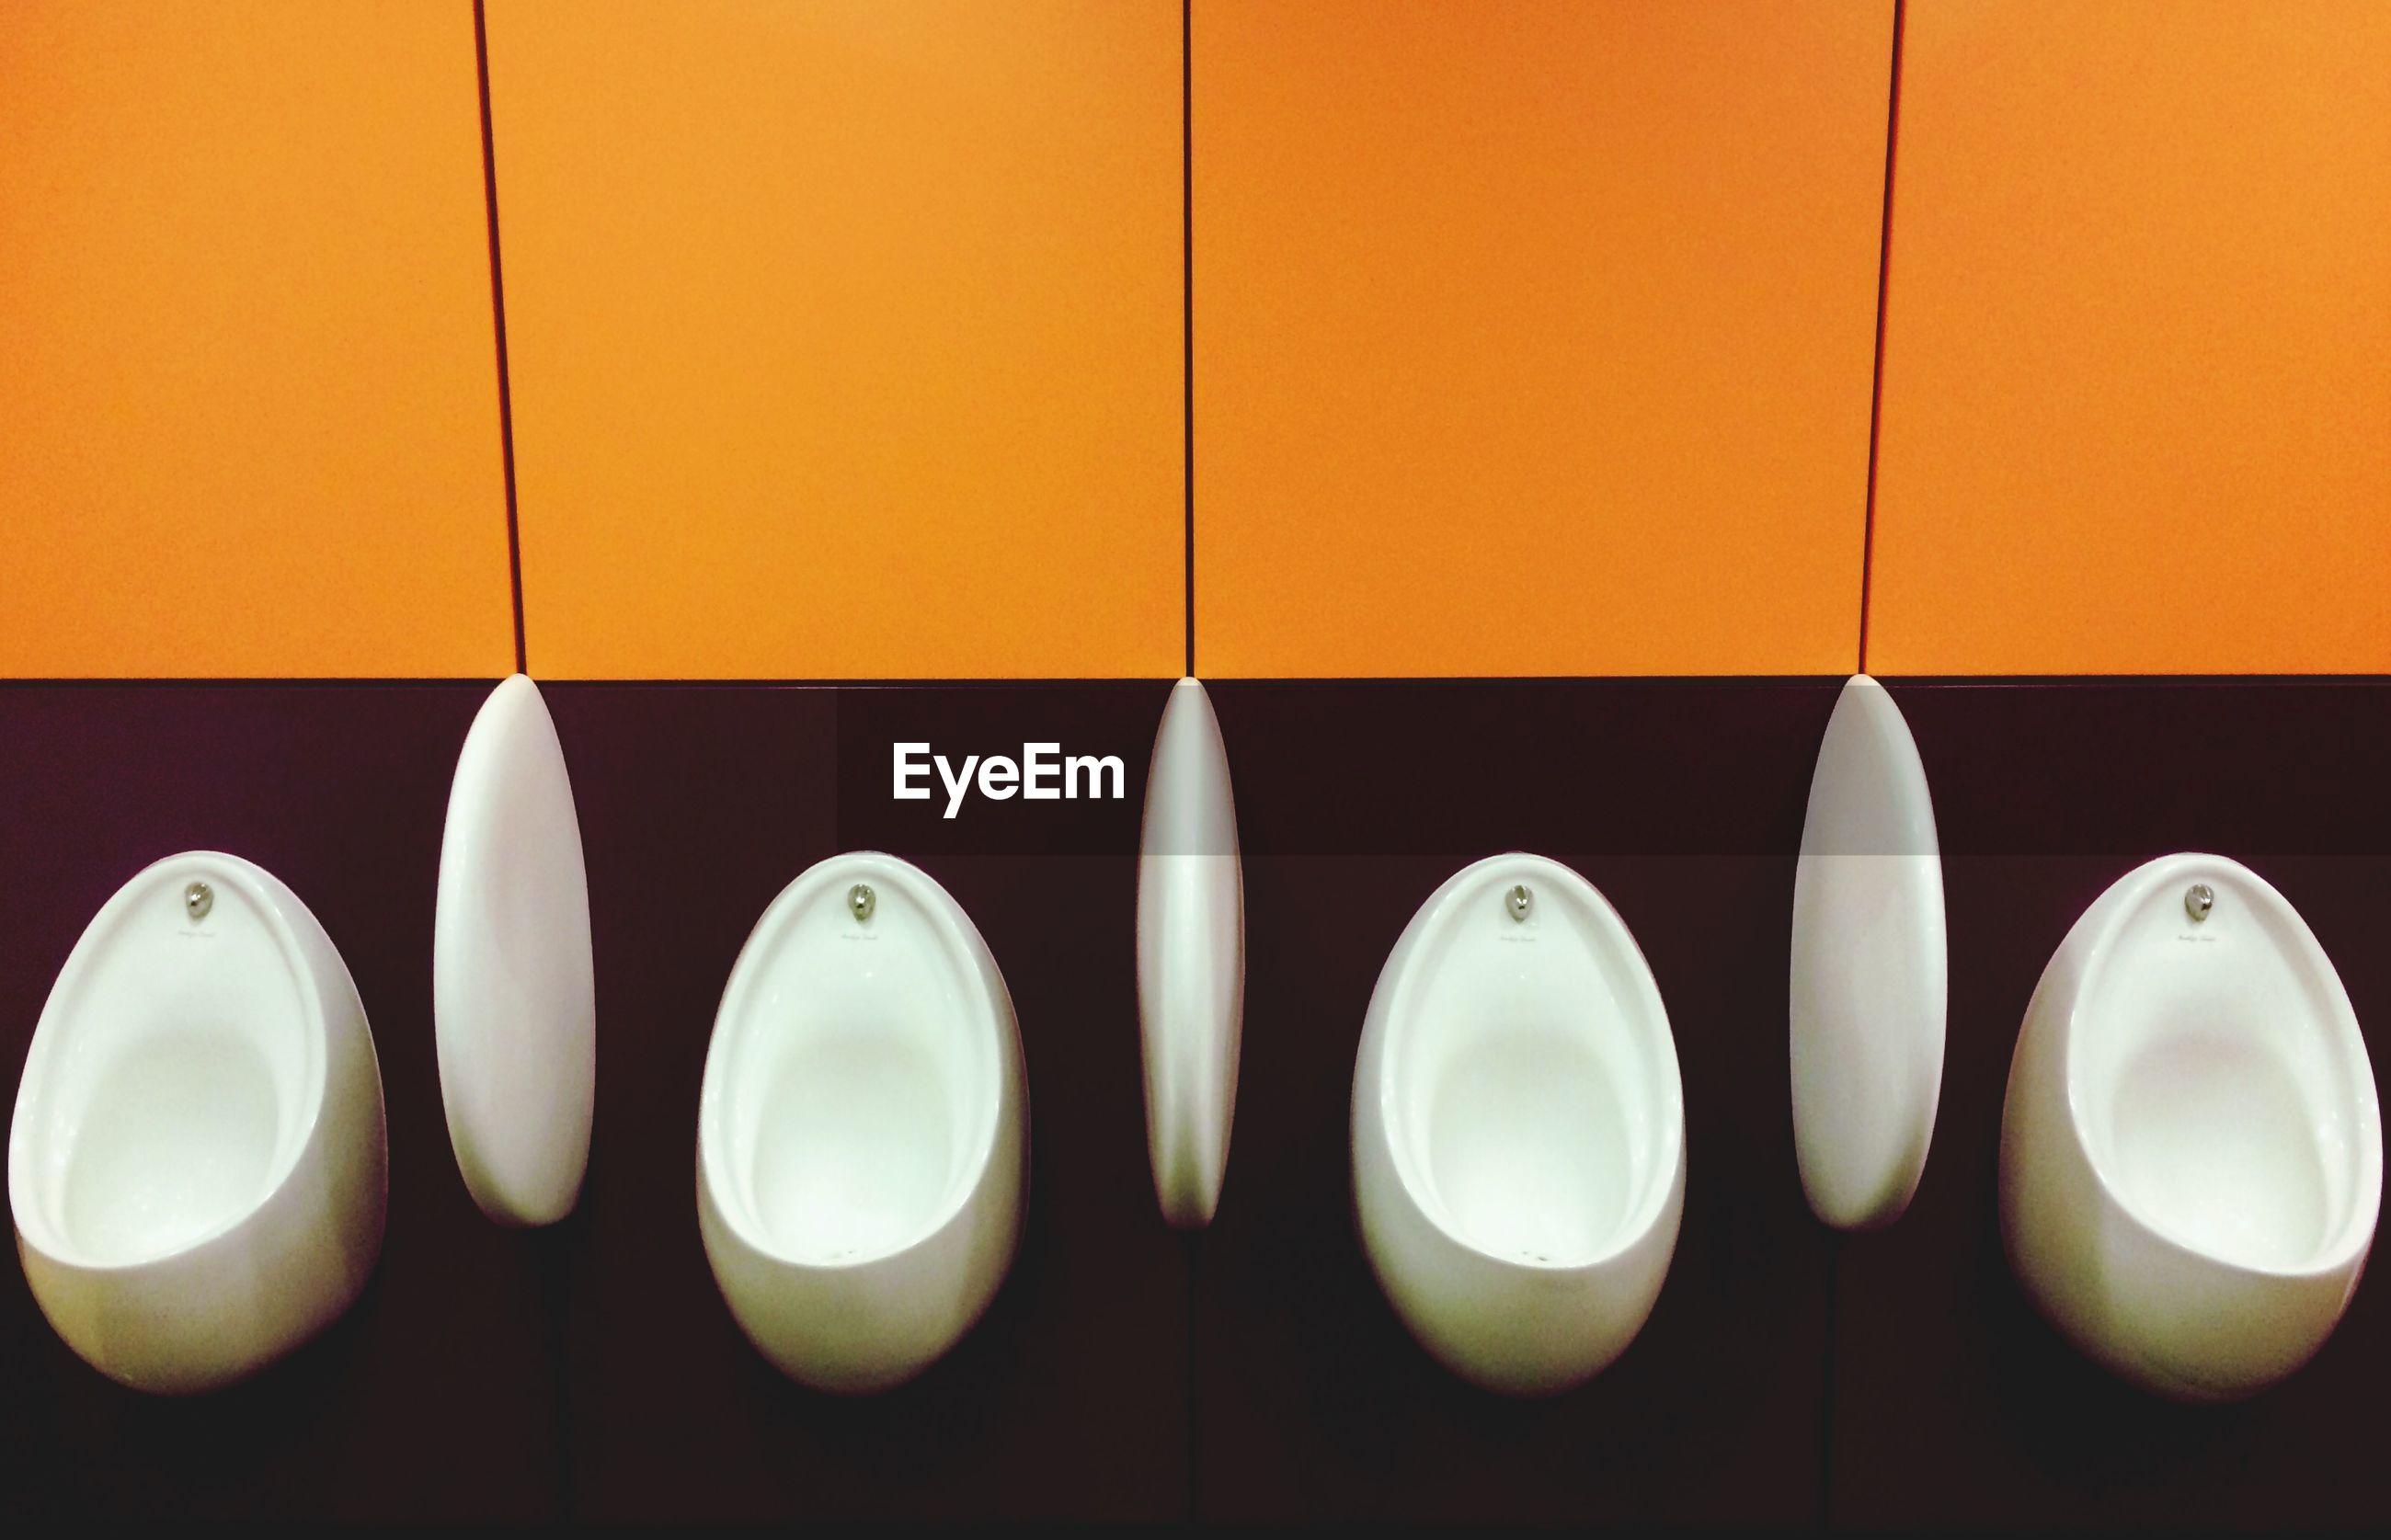 Four public urinals